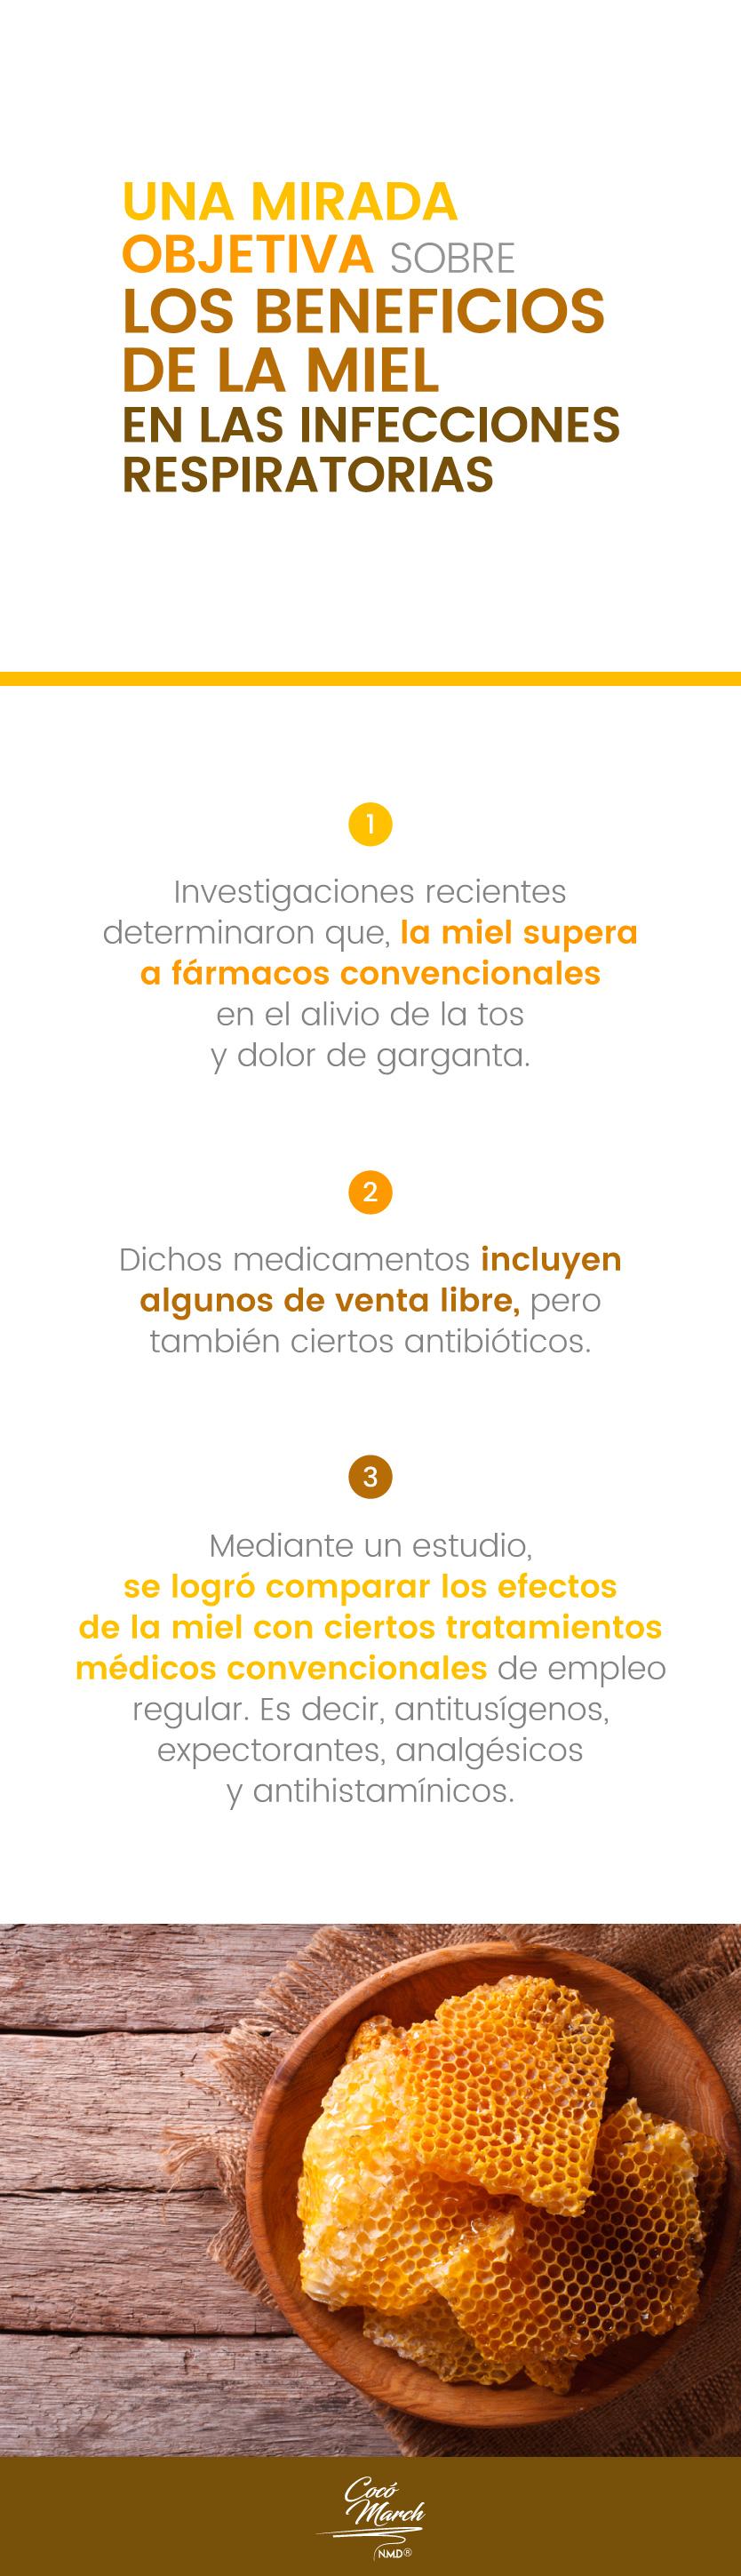 beneficios-de-la-miel-en-infecciones-respiratorias